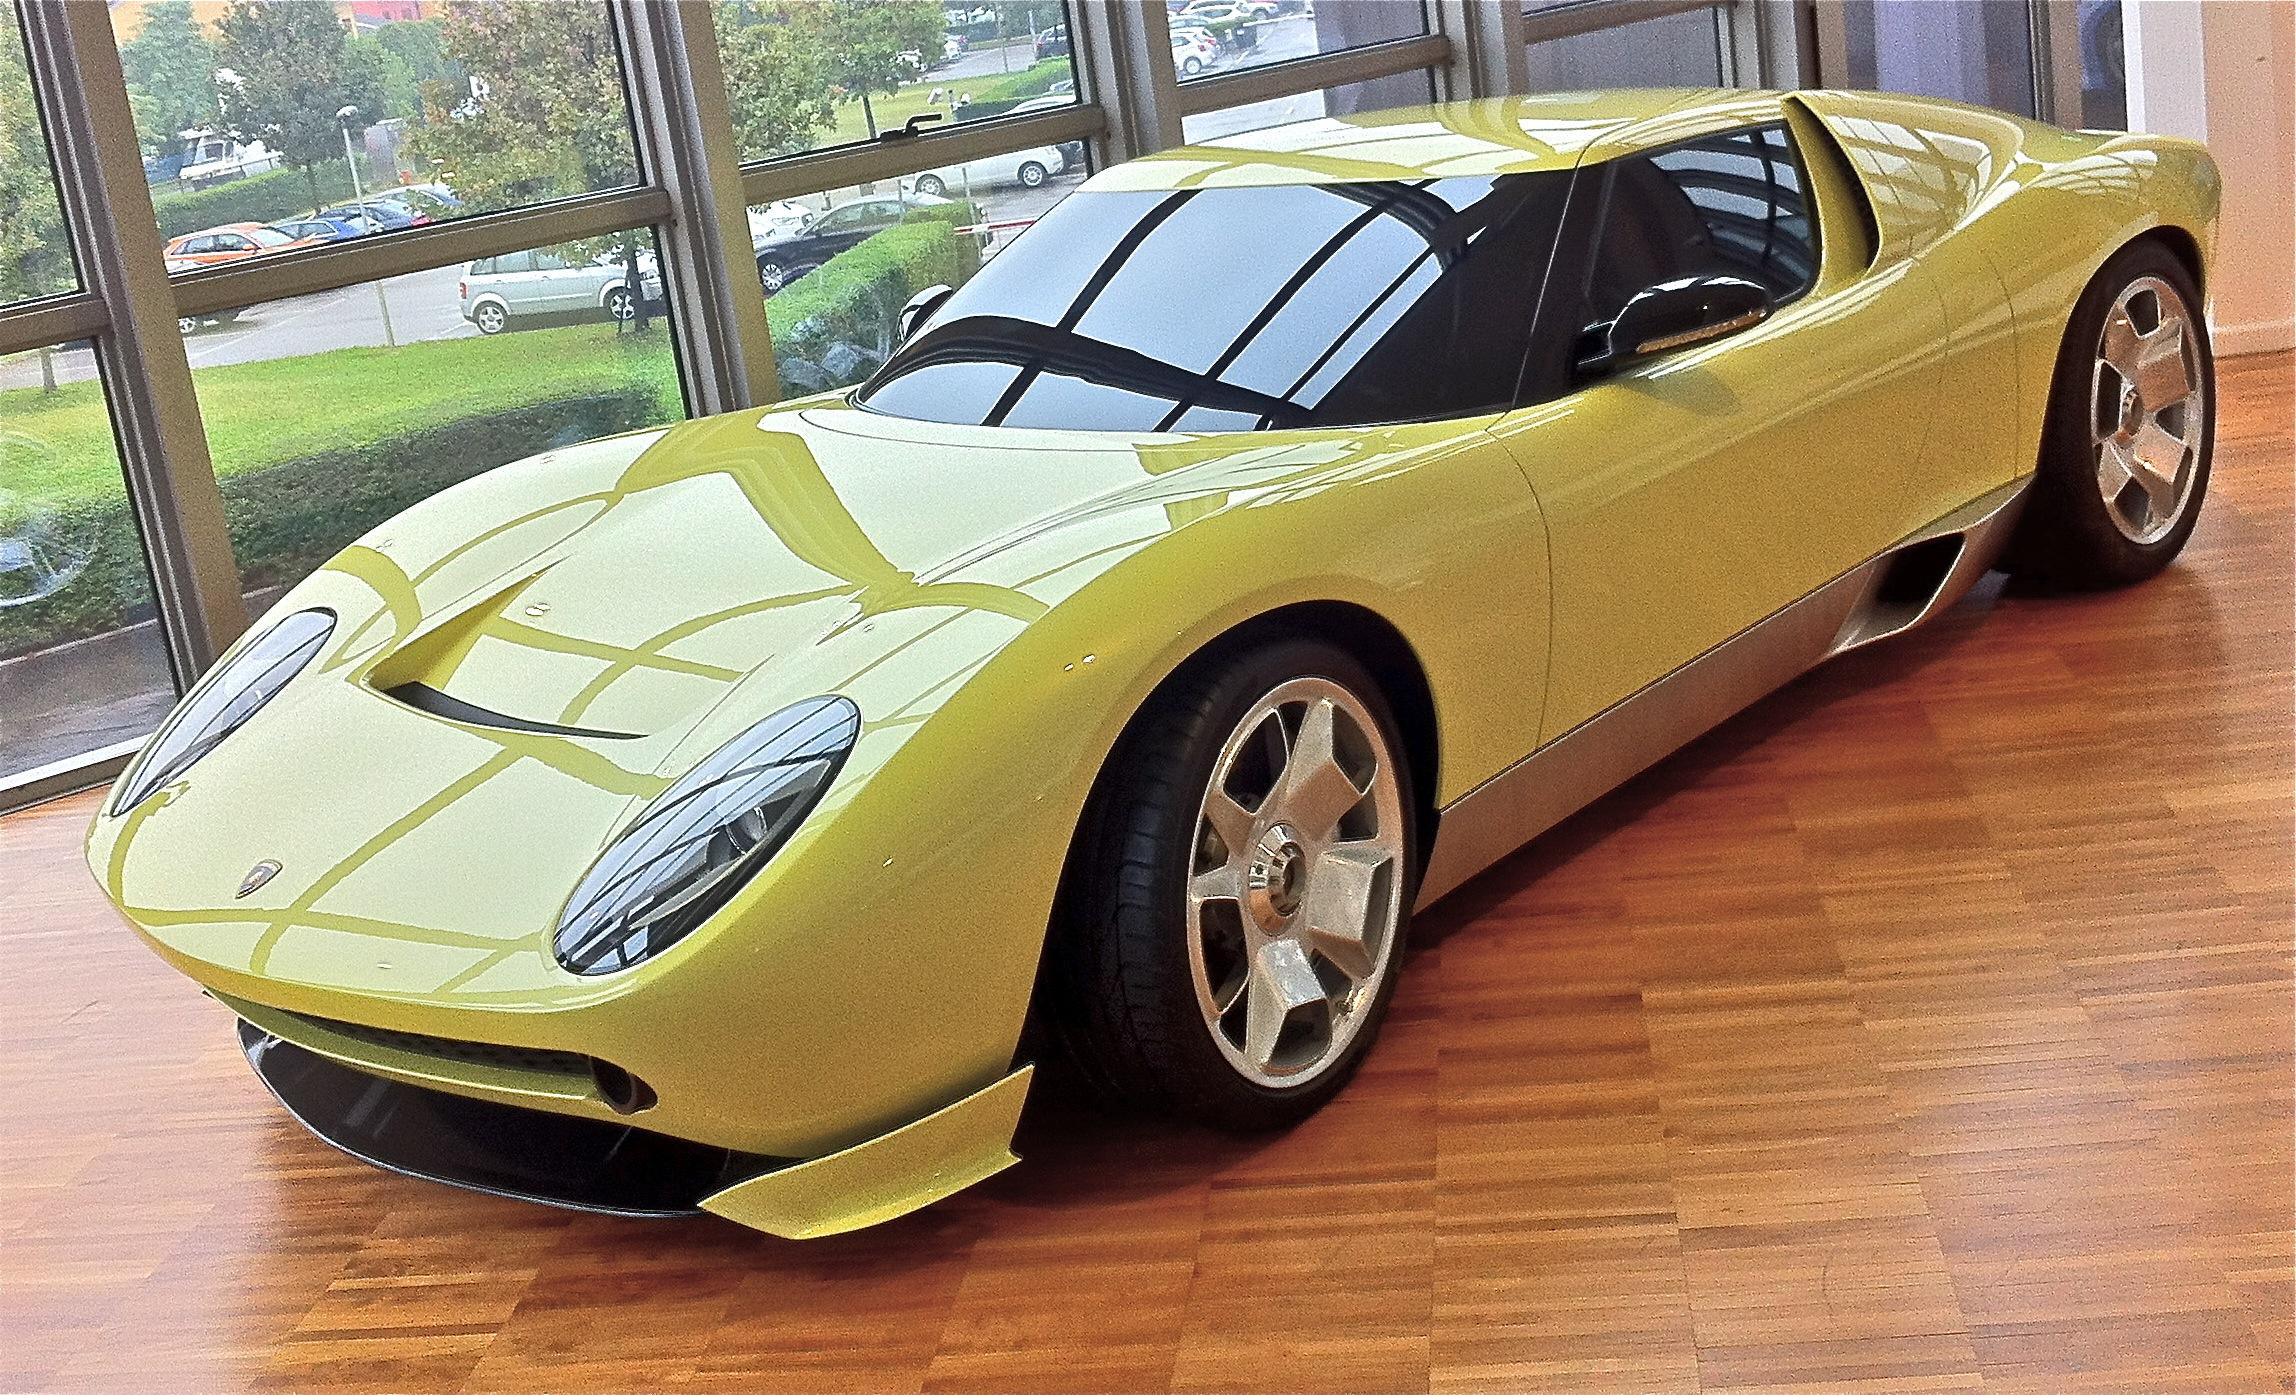 miuraneu Extraordinary Lamborghini Countach Schwer Zu Fahren Cars Trend